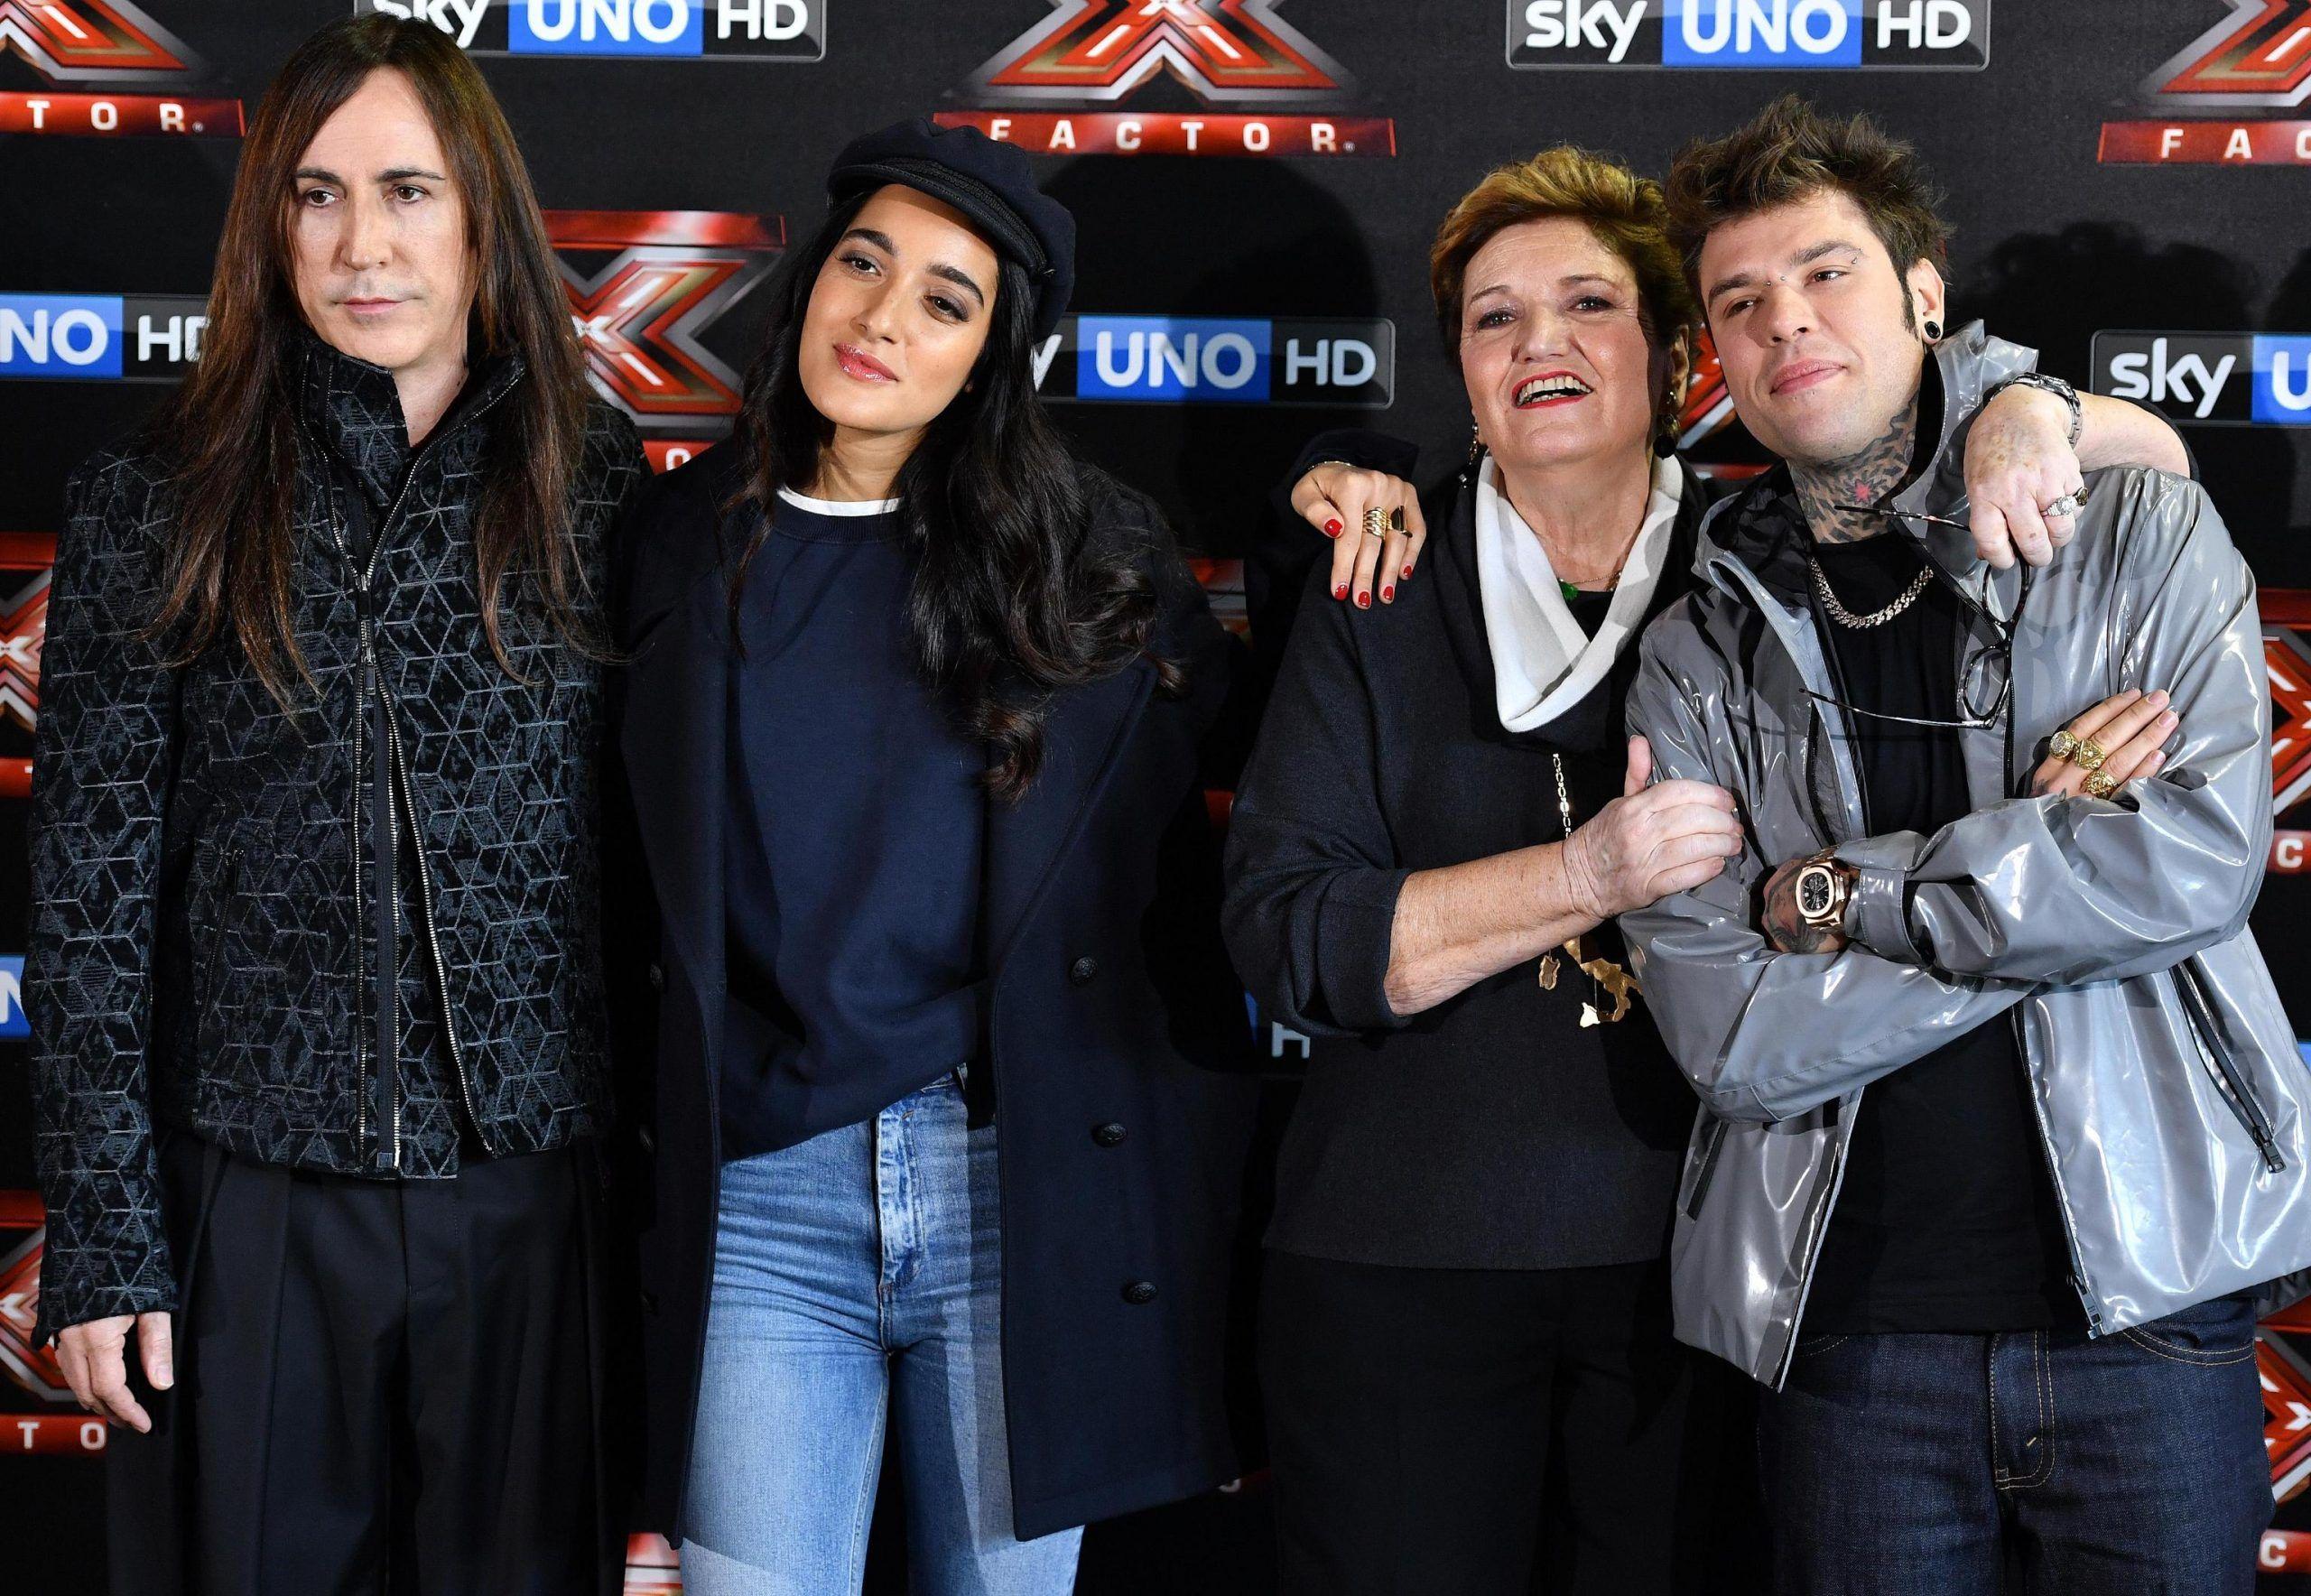 X Factor Italia 2017, Live: data di inizio, ospiti e i 12 concorrenti in gara